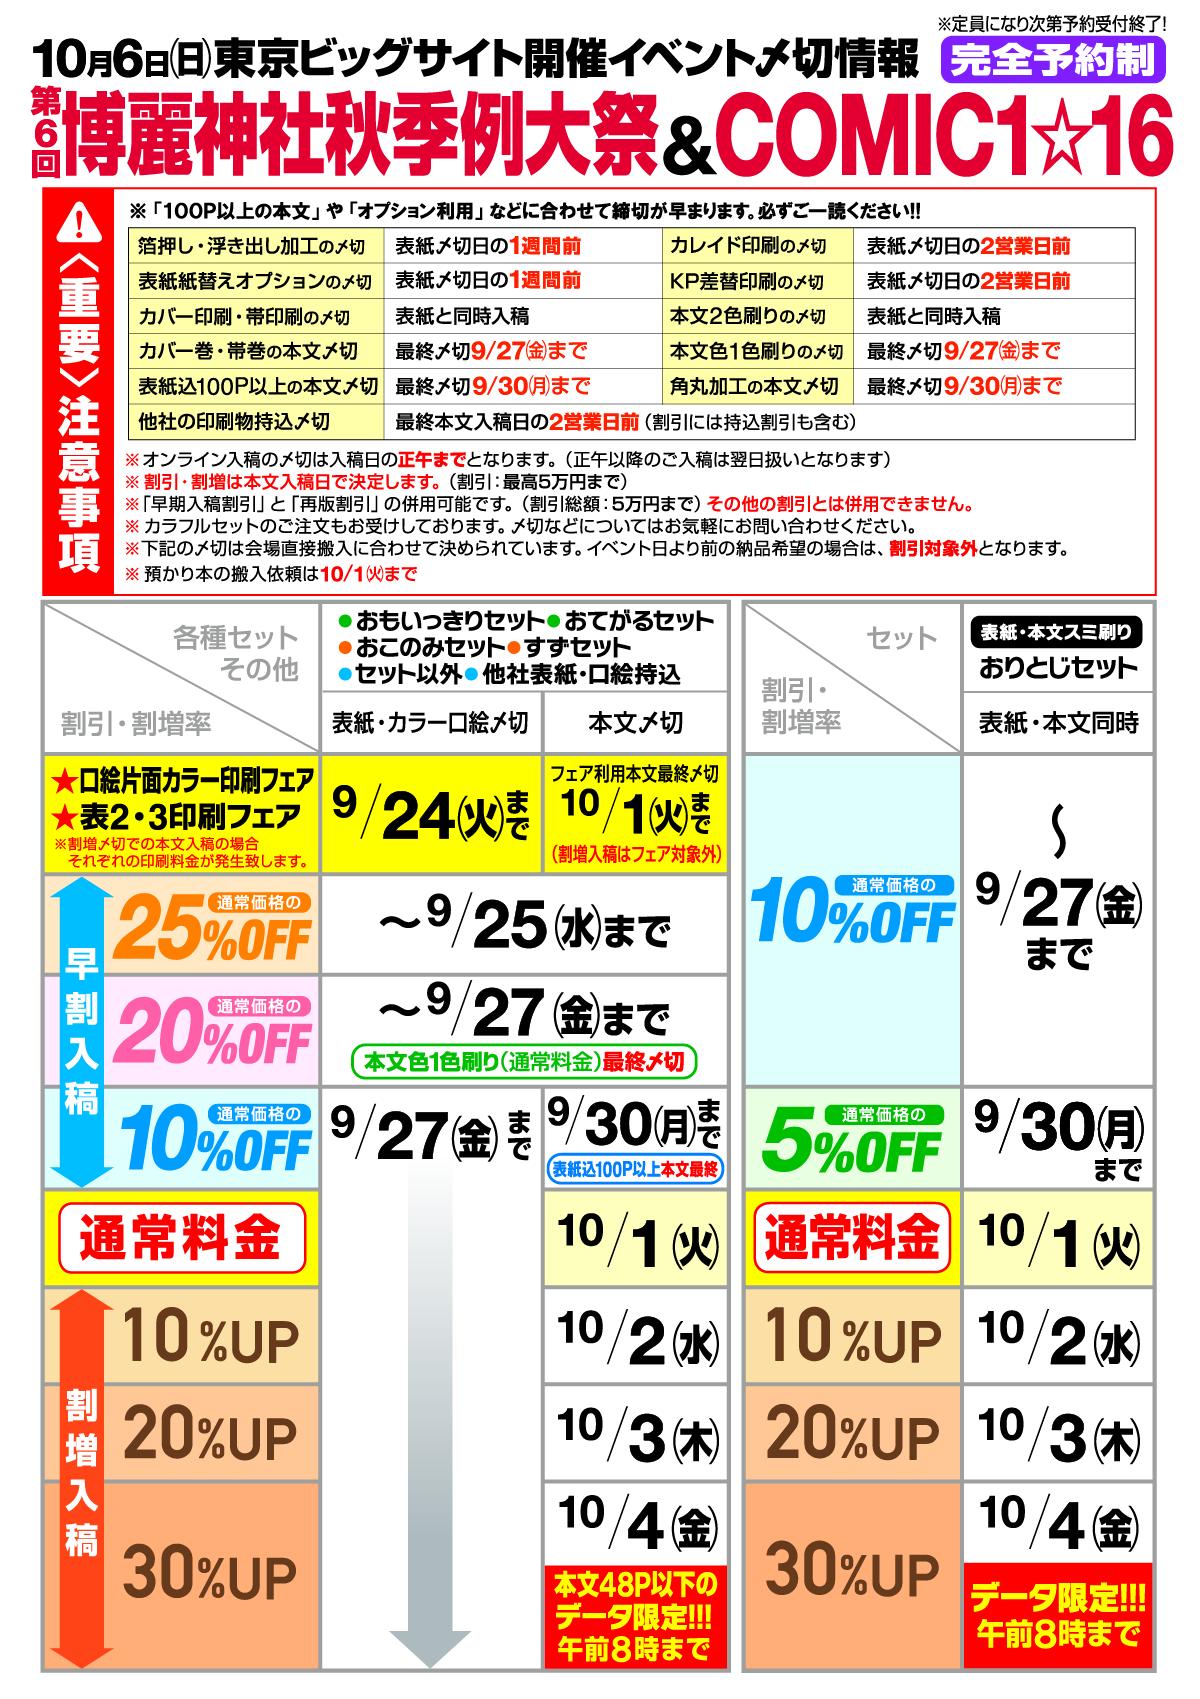 第6回博麗神社秋季例大祭&COMIC1☆16〆切